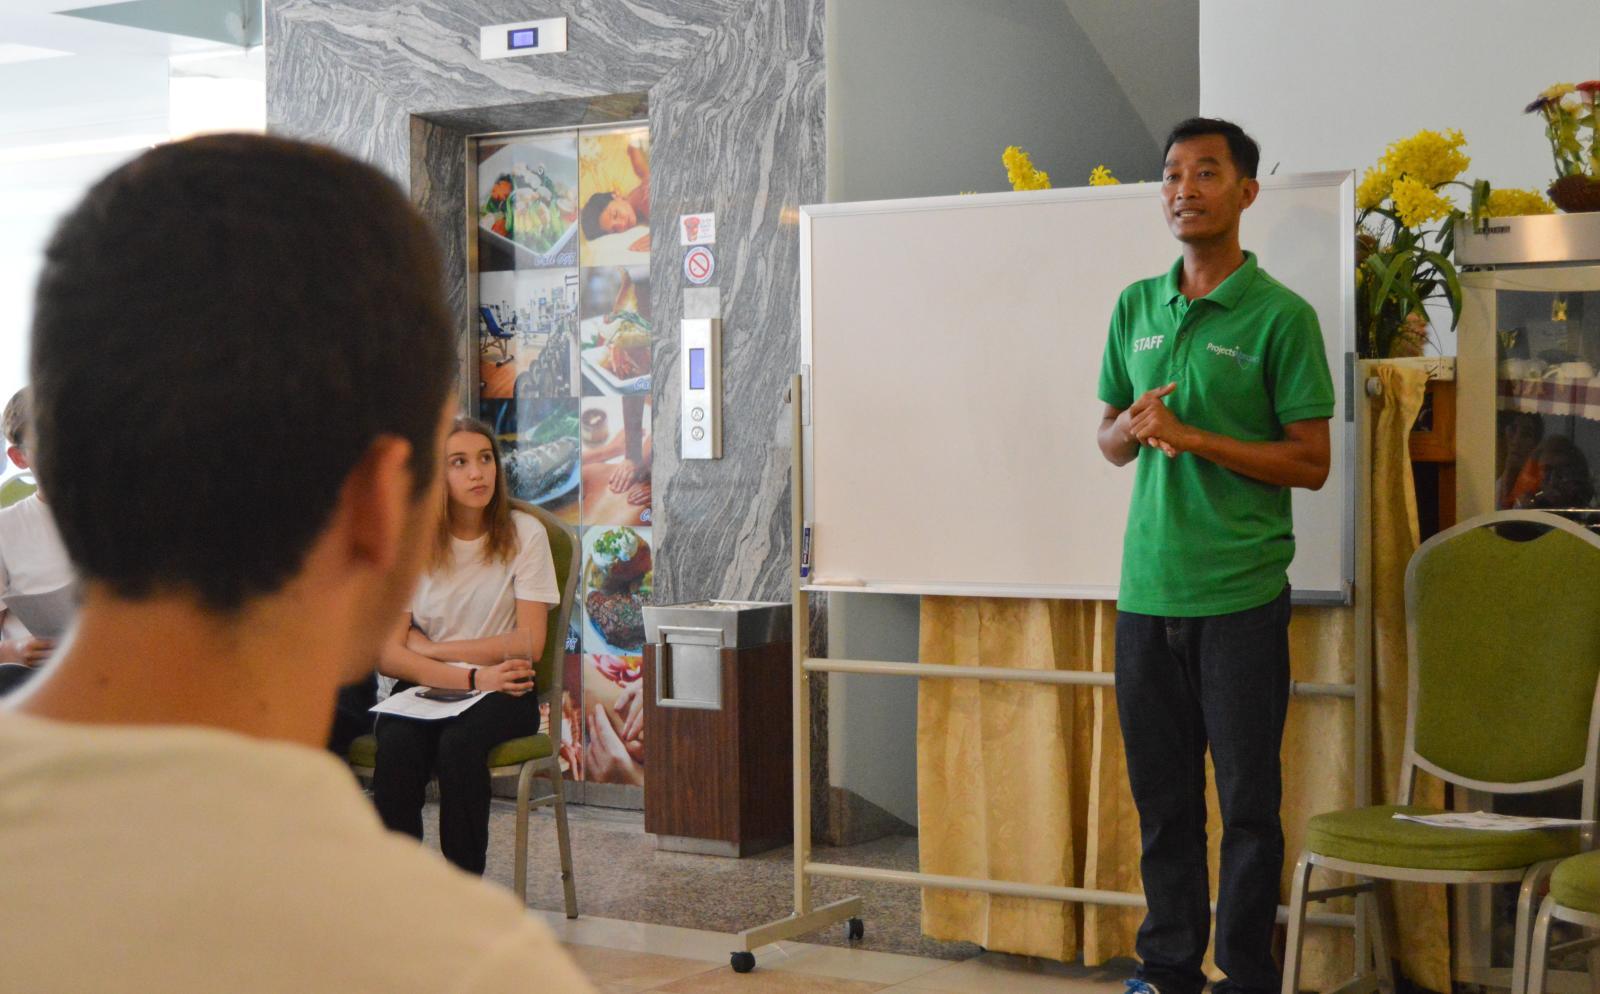 Voluntarios en Camboya reciben un curso de introducción al país y al idioma local.